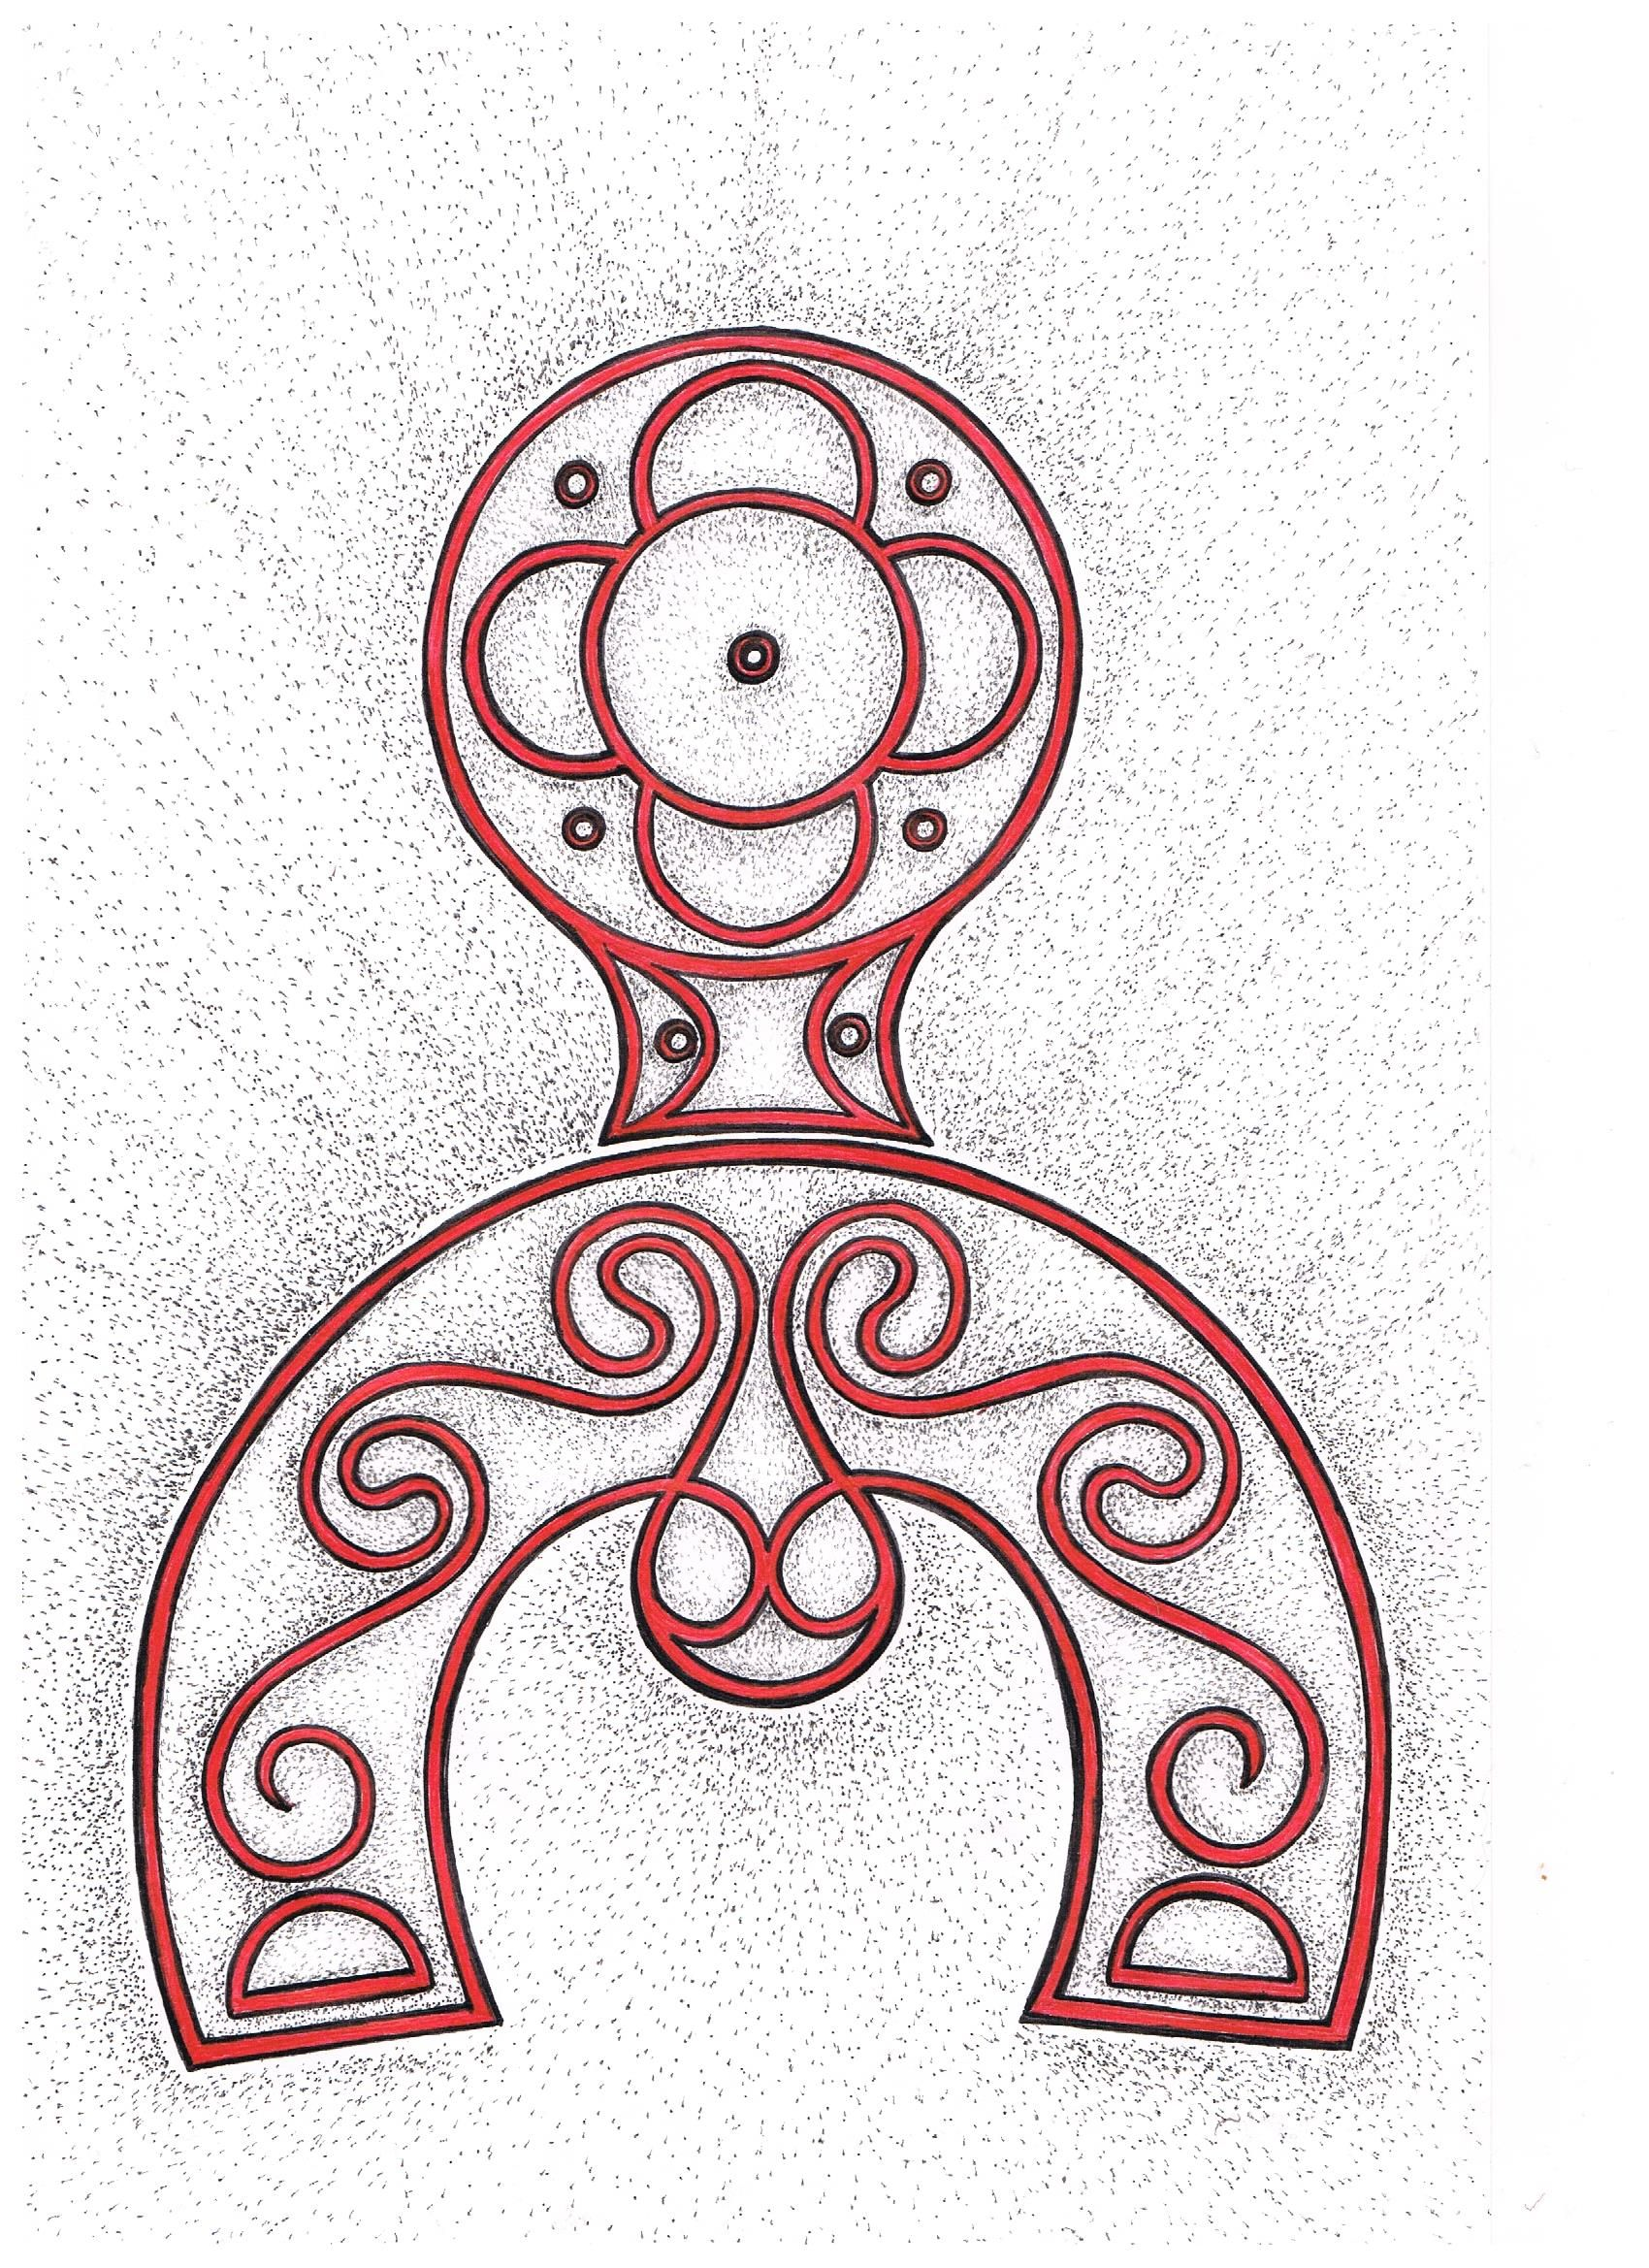 Pictish Class 1 Symbols